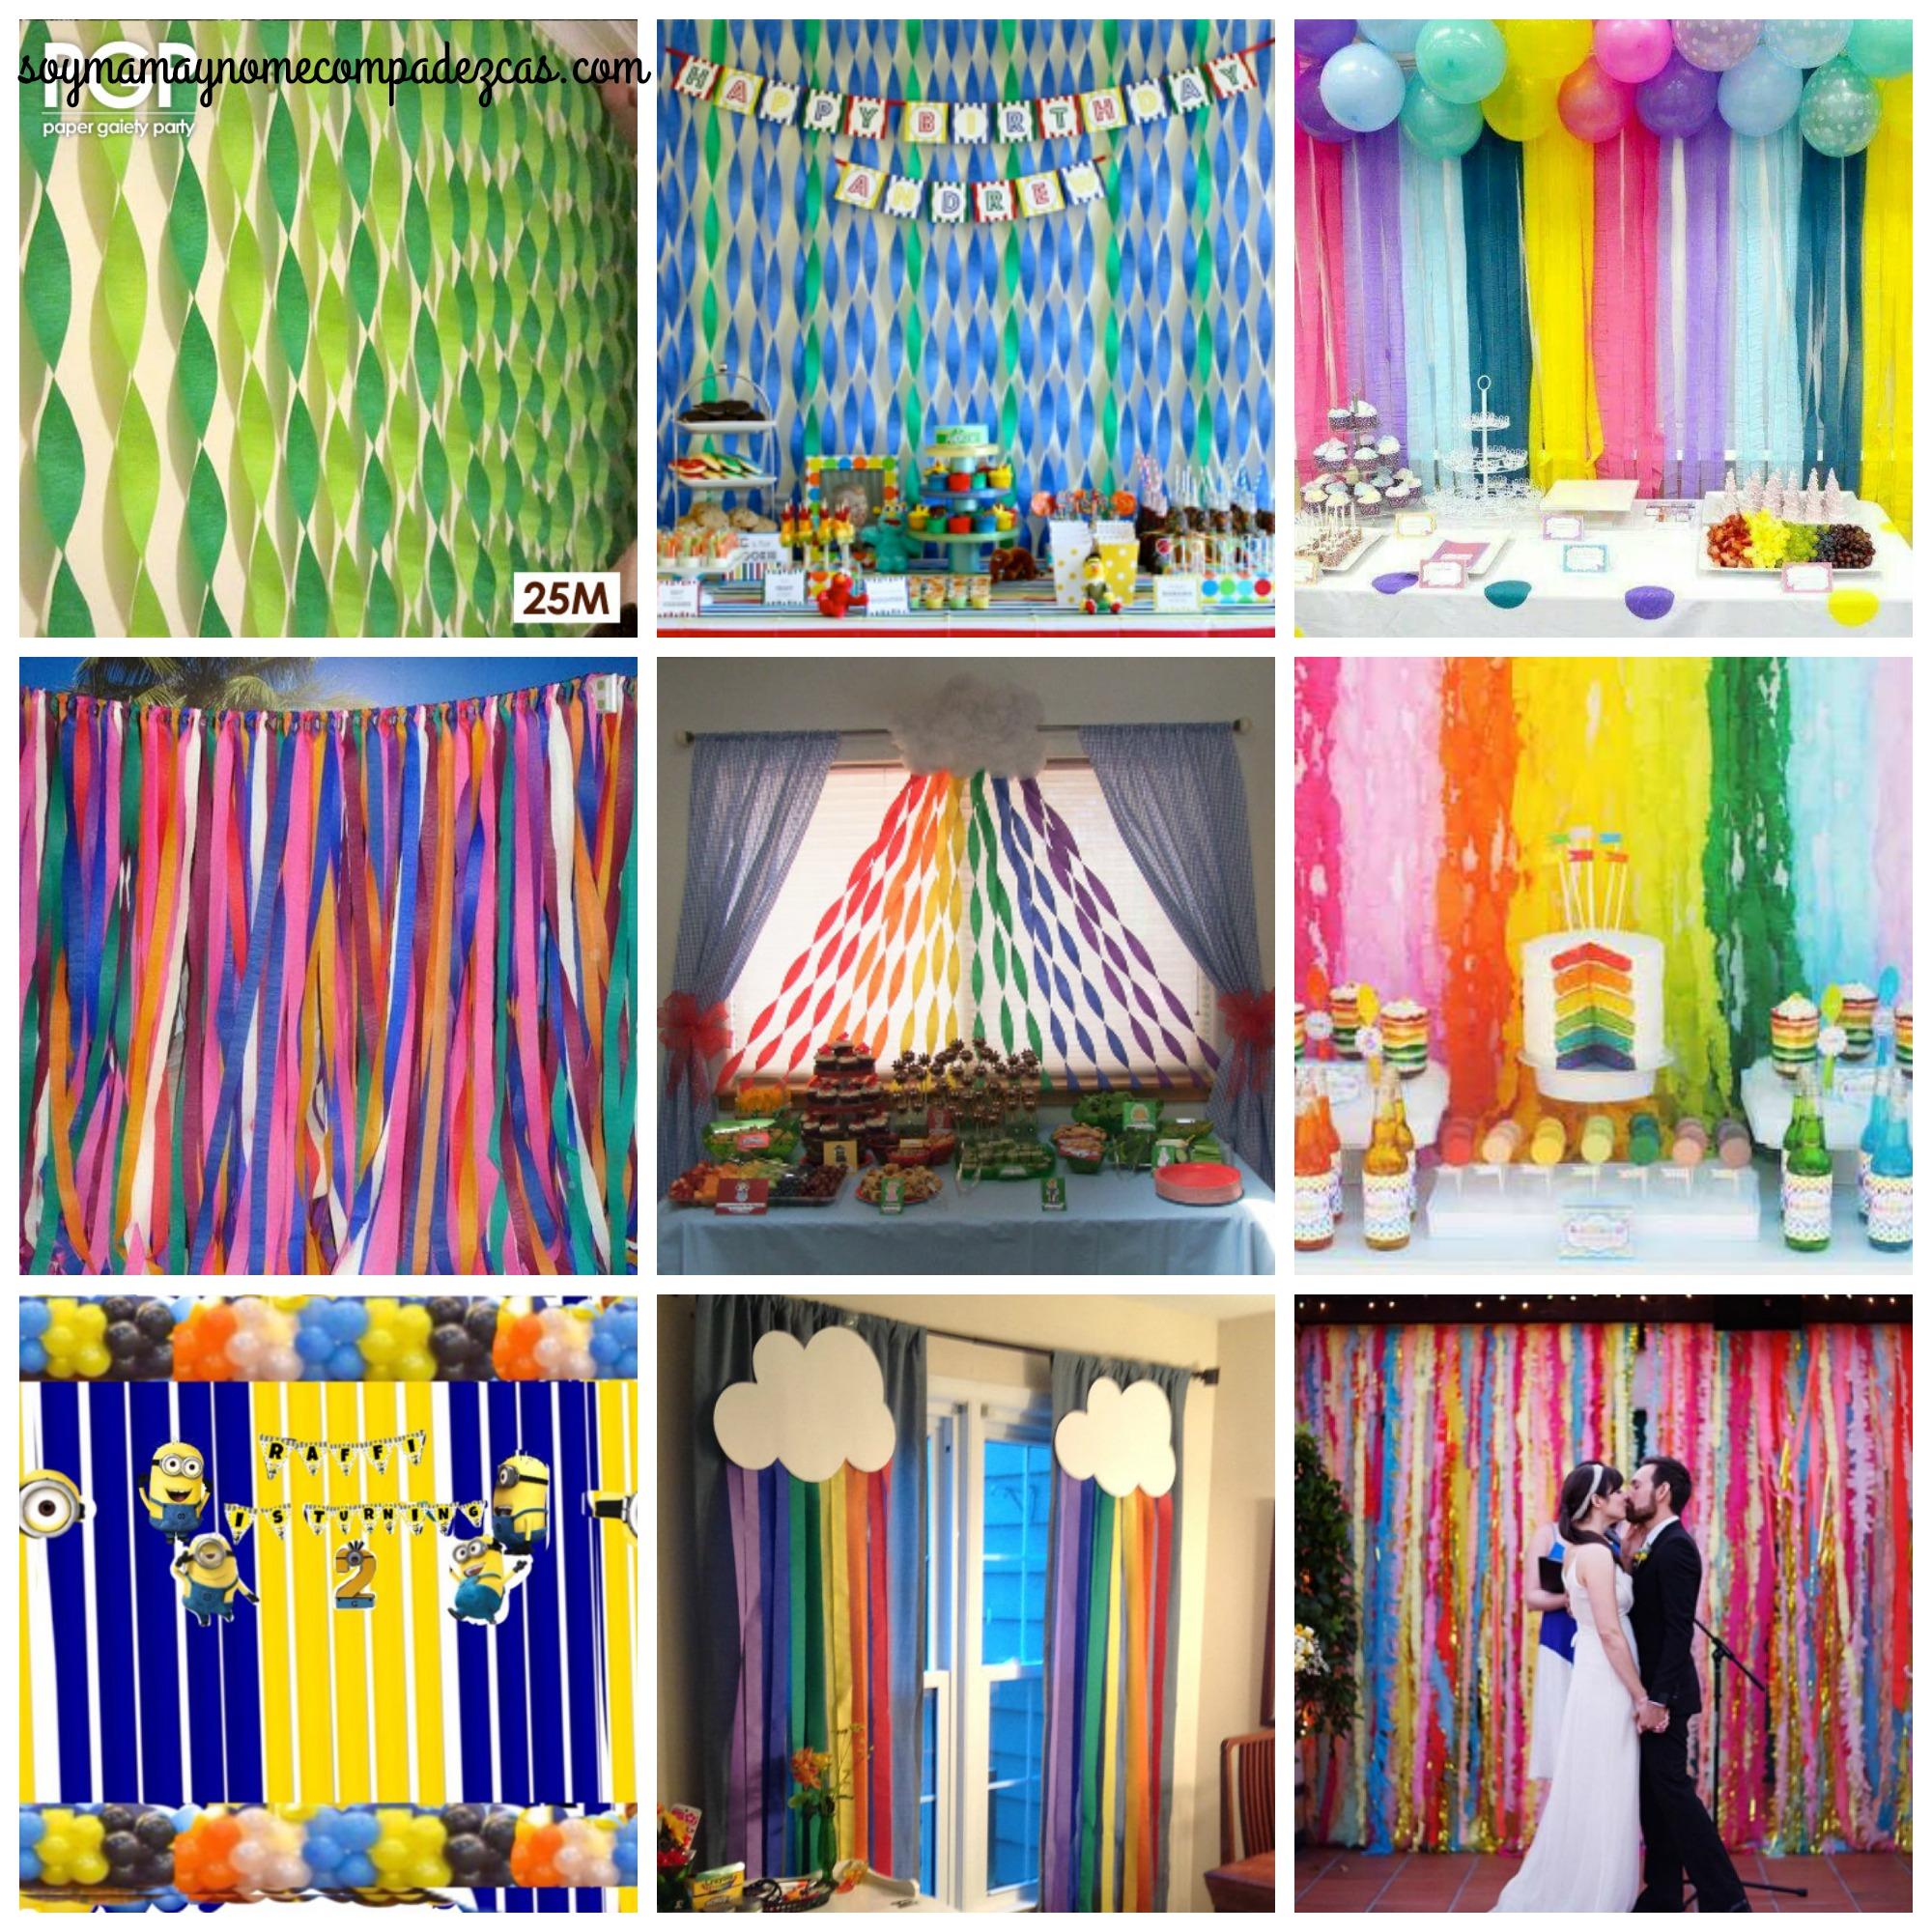 Diy cortina para fiestas soy mam y no me compadezcas - Hacer cortinas infantiles ...